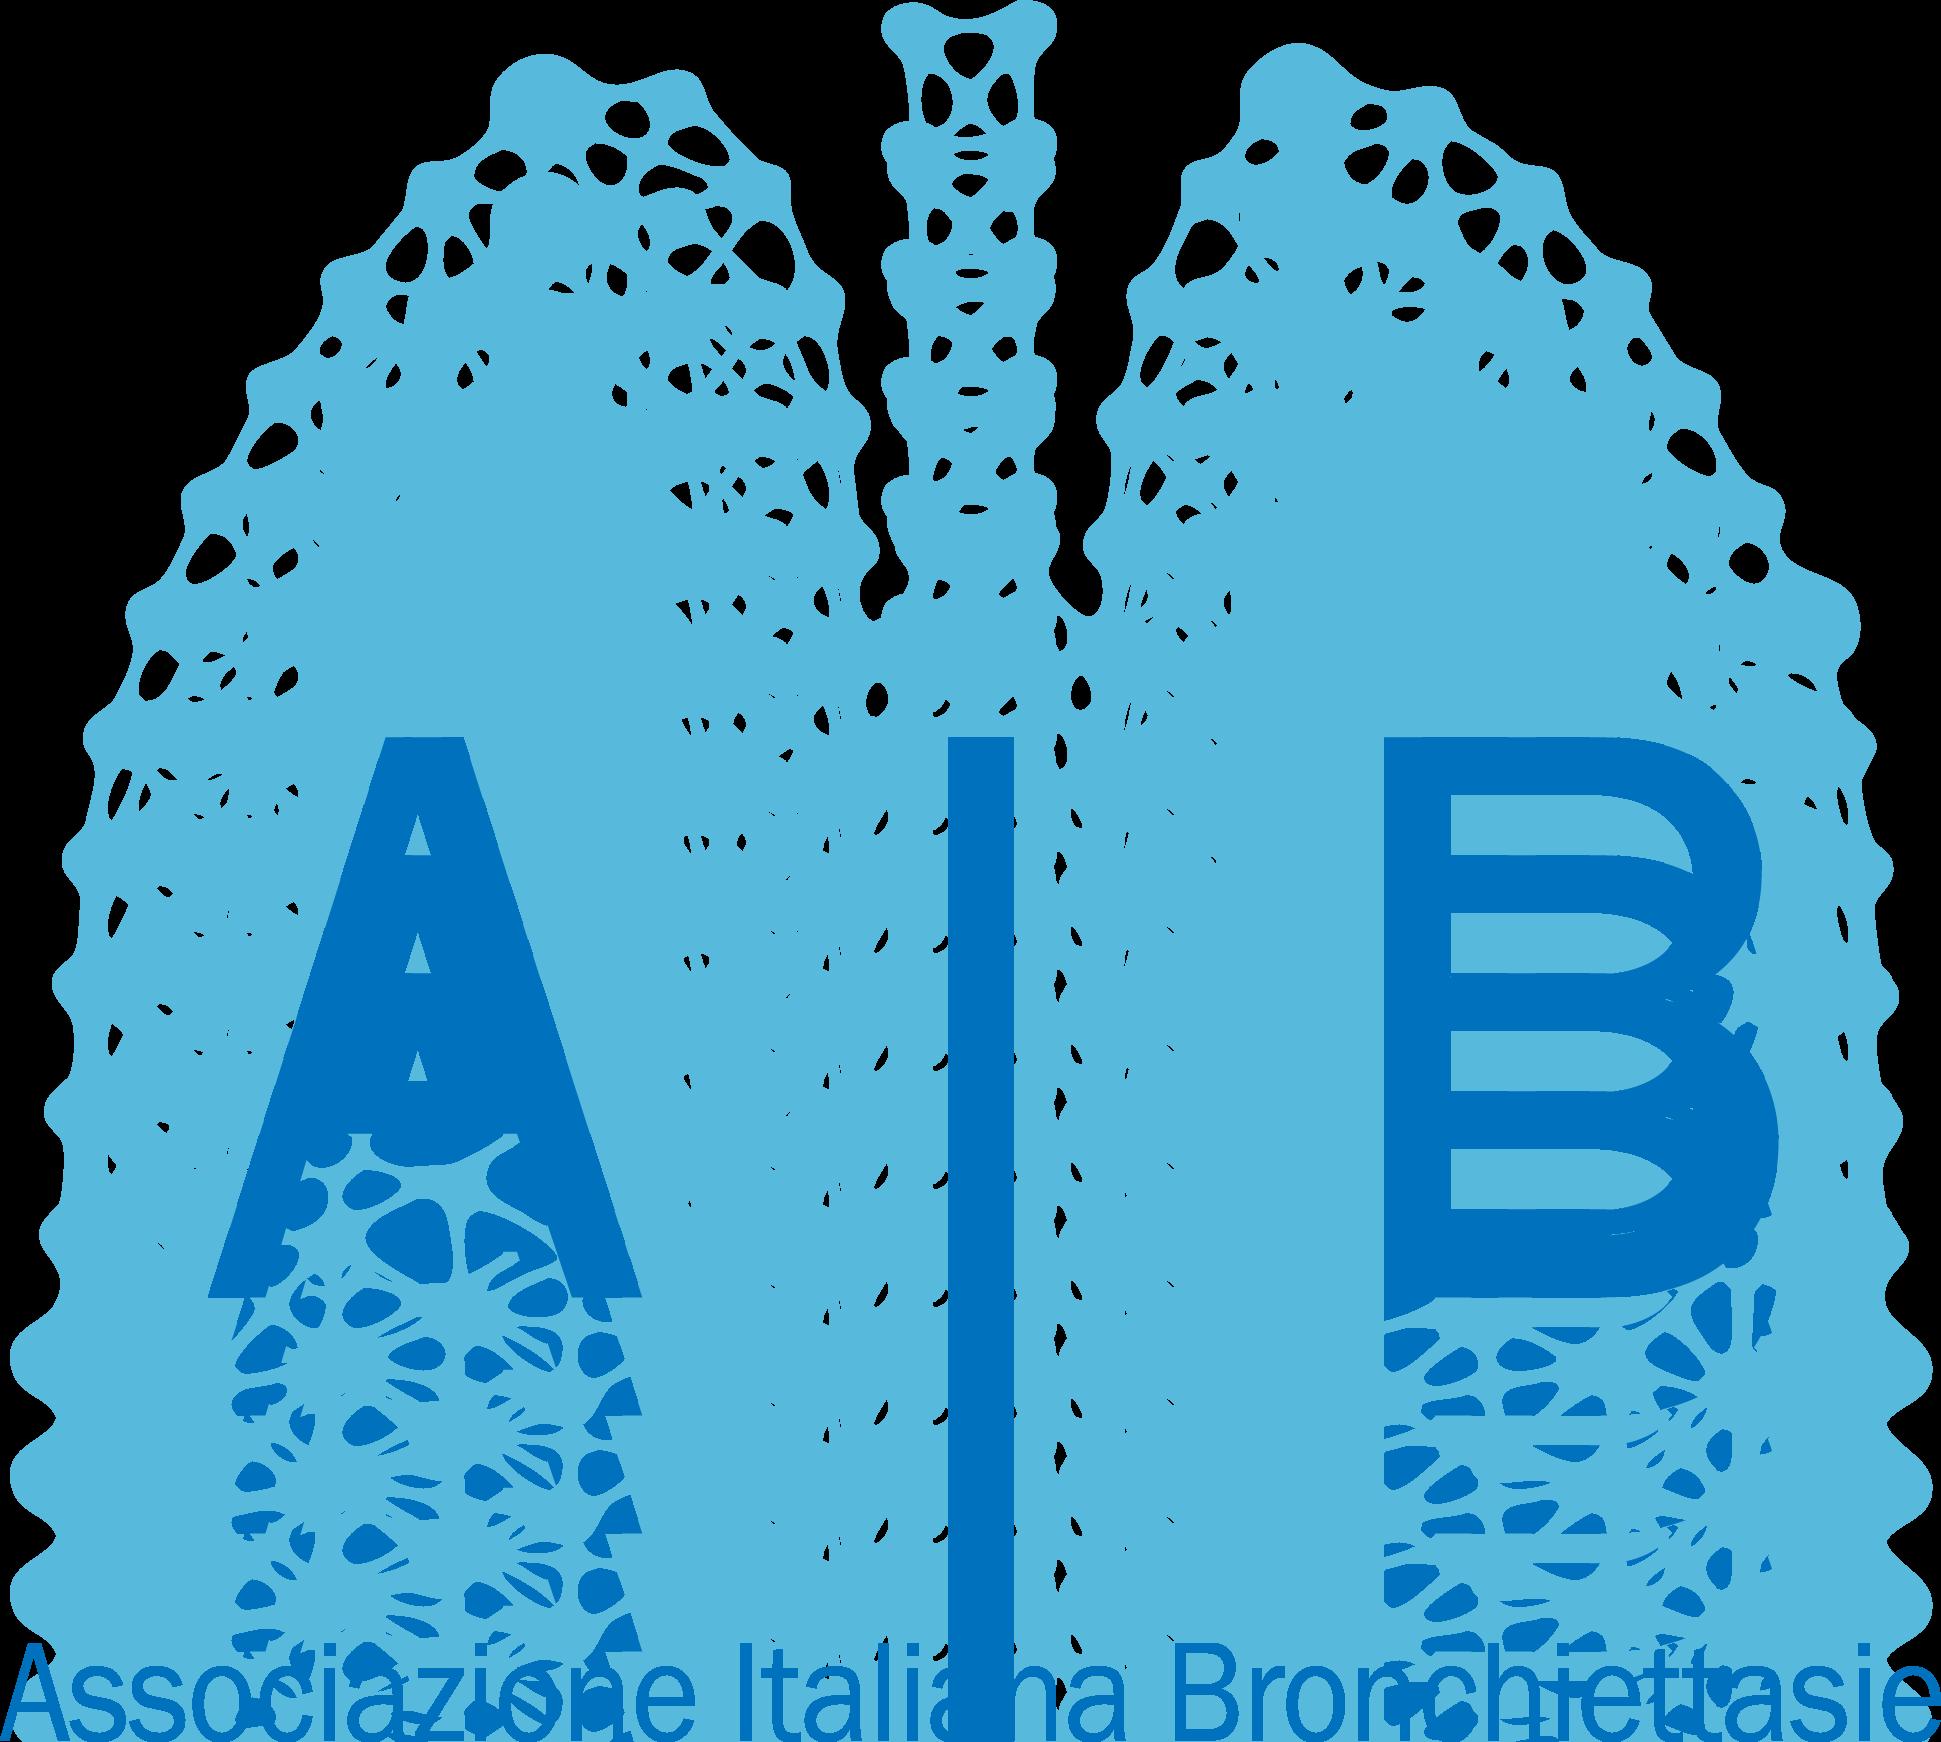 Associazione Italiana Bronchiettasie